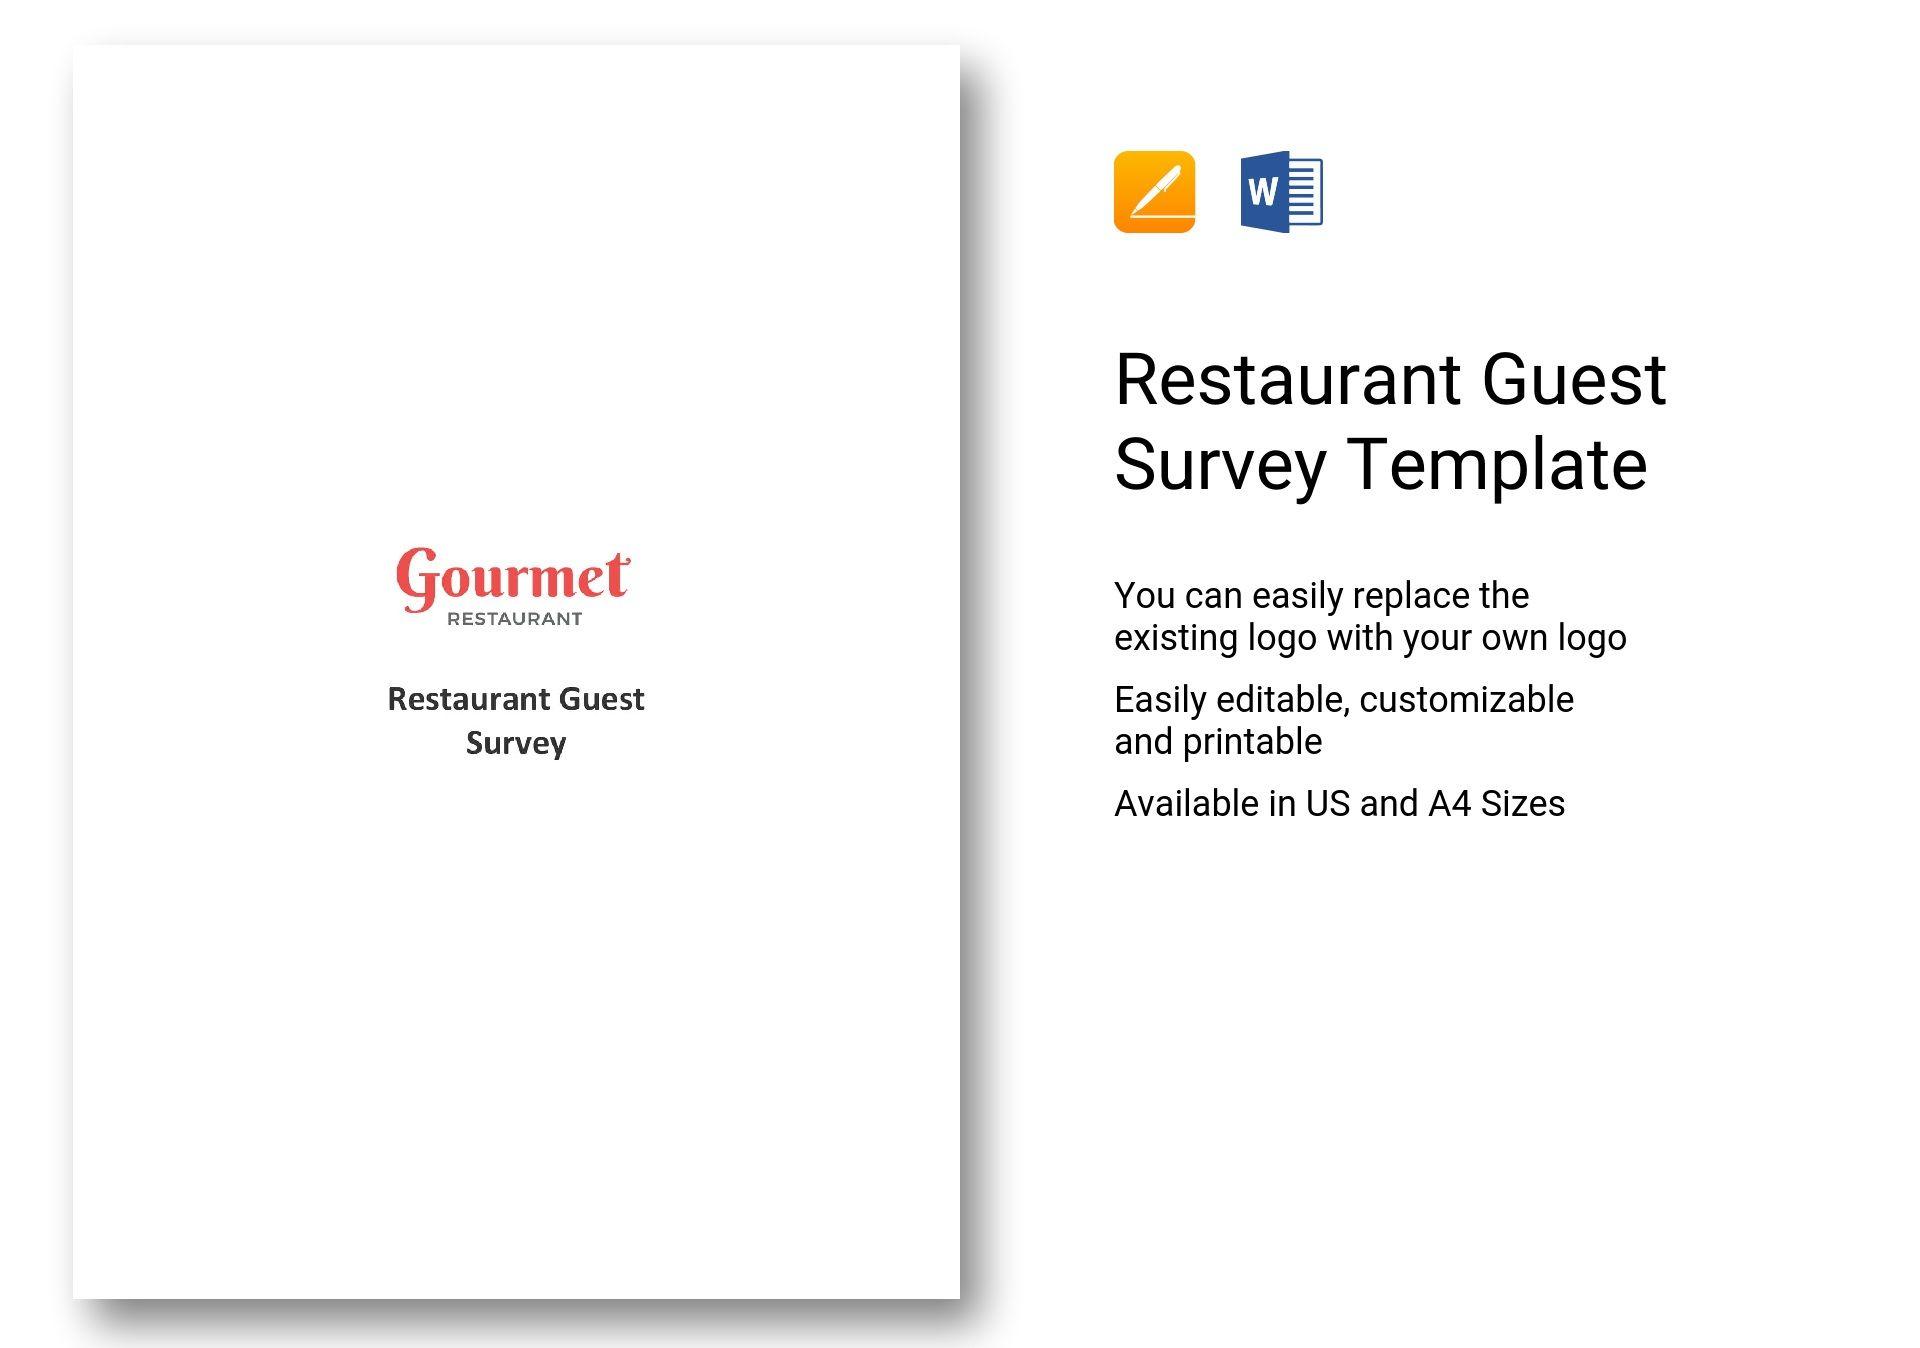 Restaurant Guest Survey